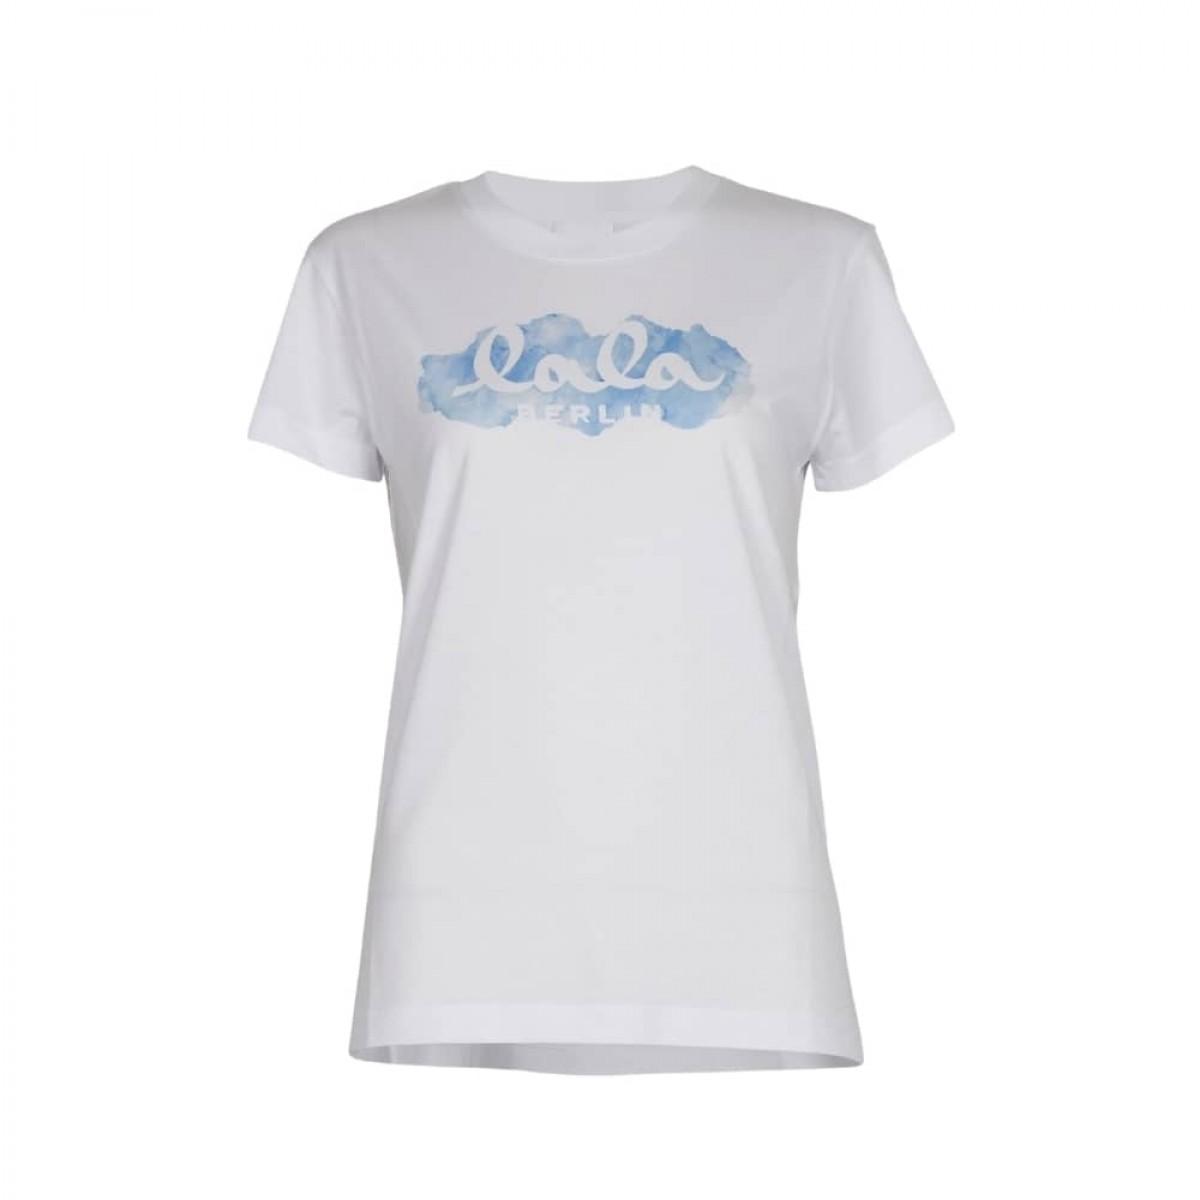 cara aquarelle blue t-shirt - front